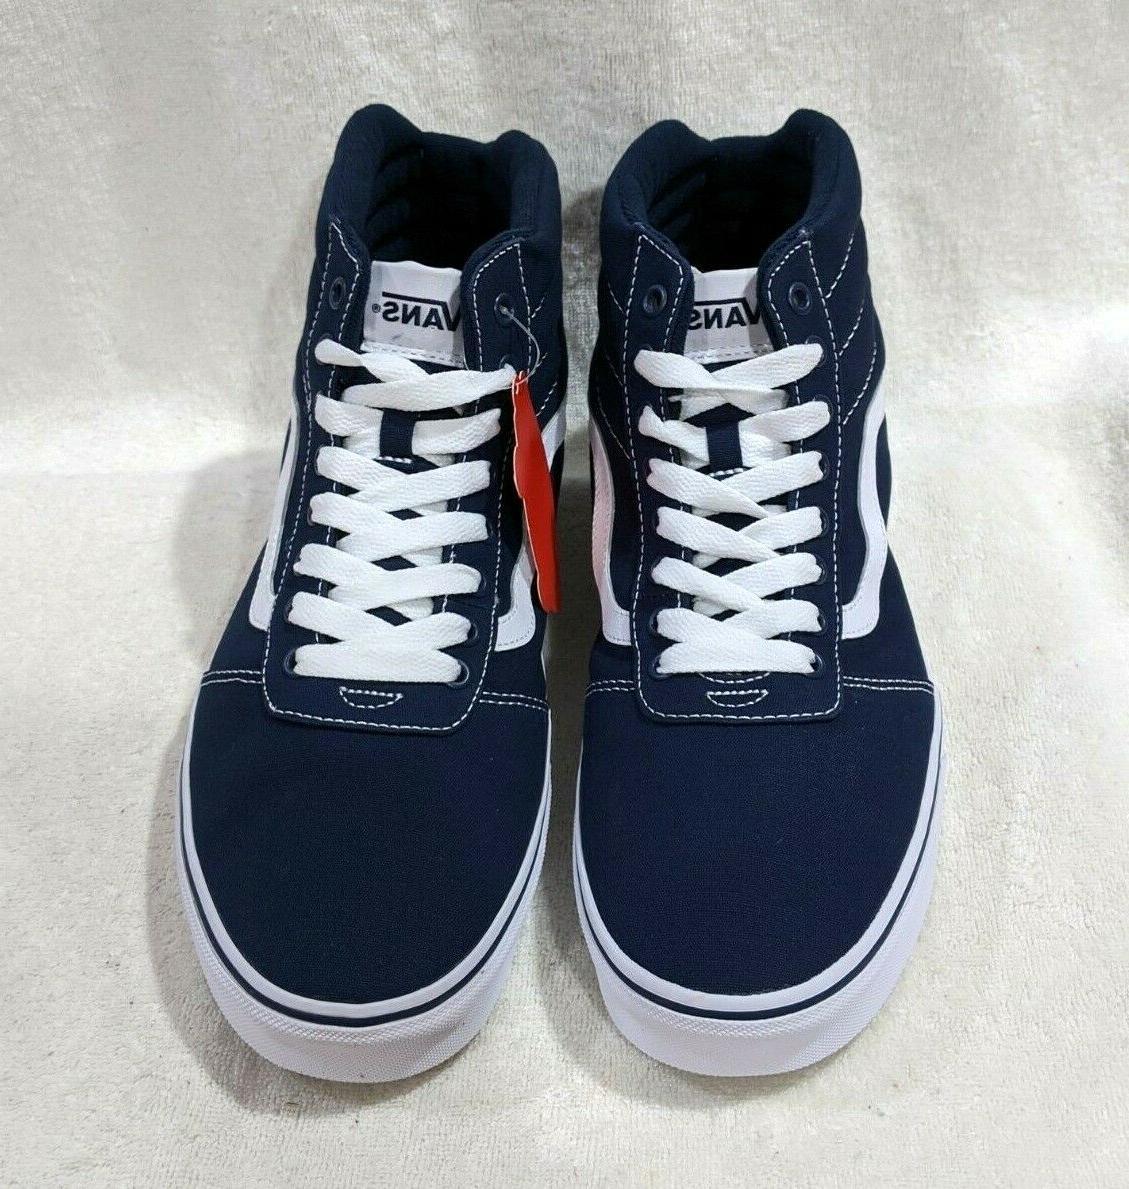 Vans Dress Blue/White Skate 9.5/12/13 NWB